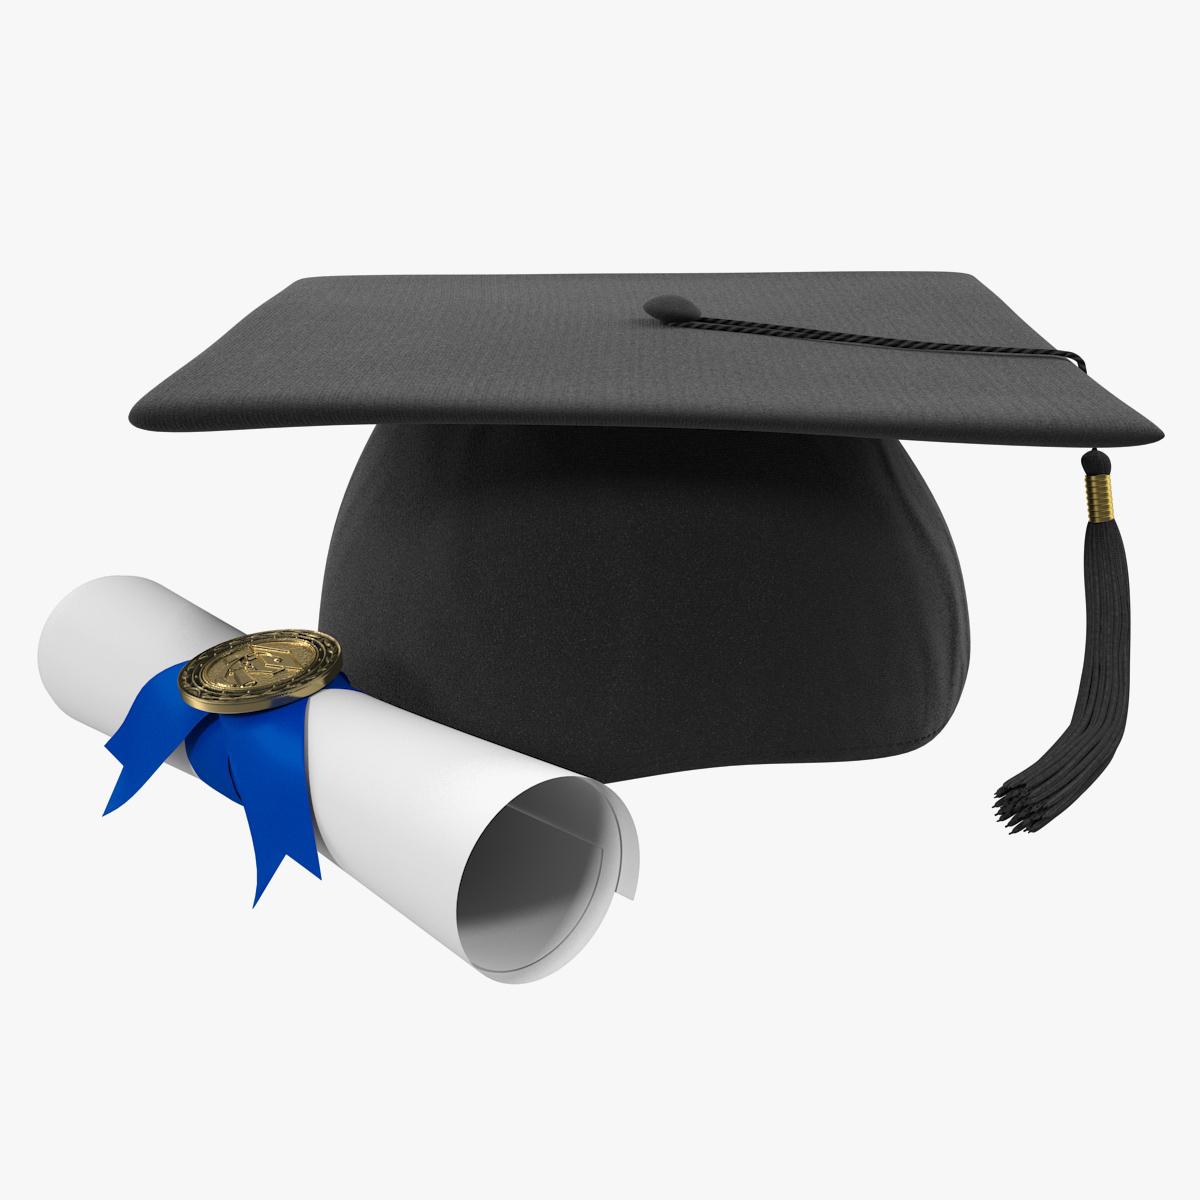 modèle 3D de Graduation Cap avec Degree Scroll - TurboSquid 1341960